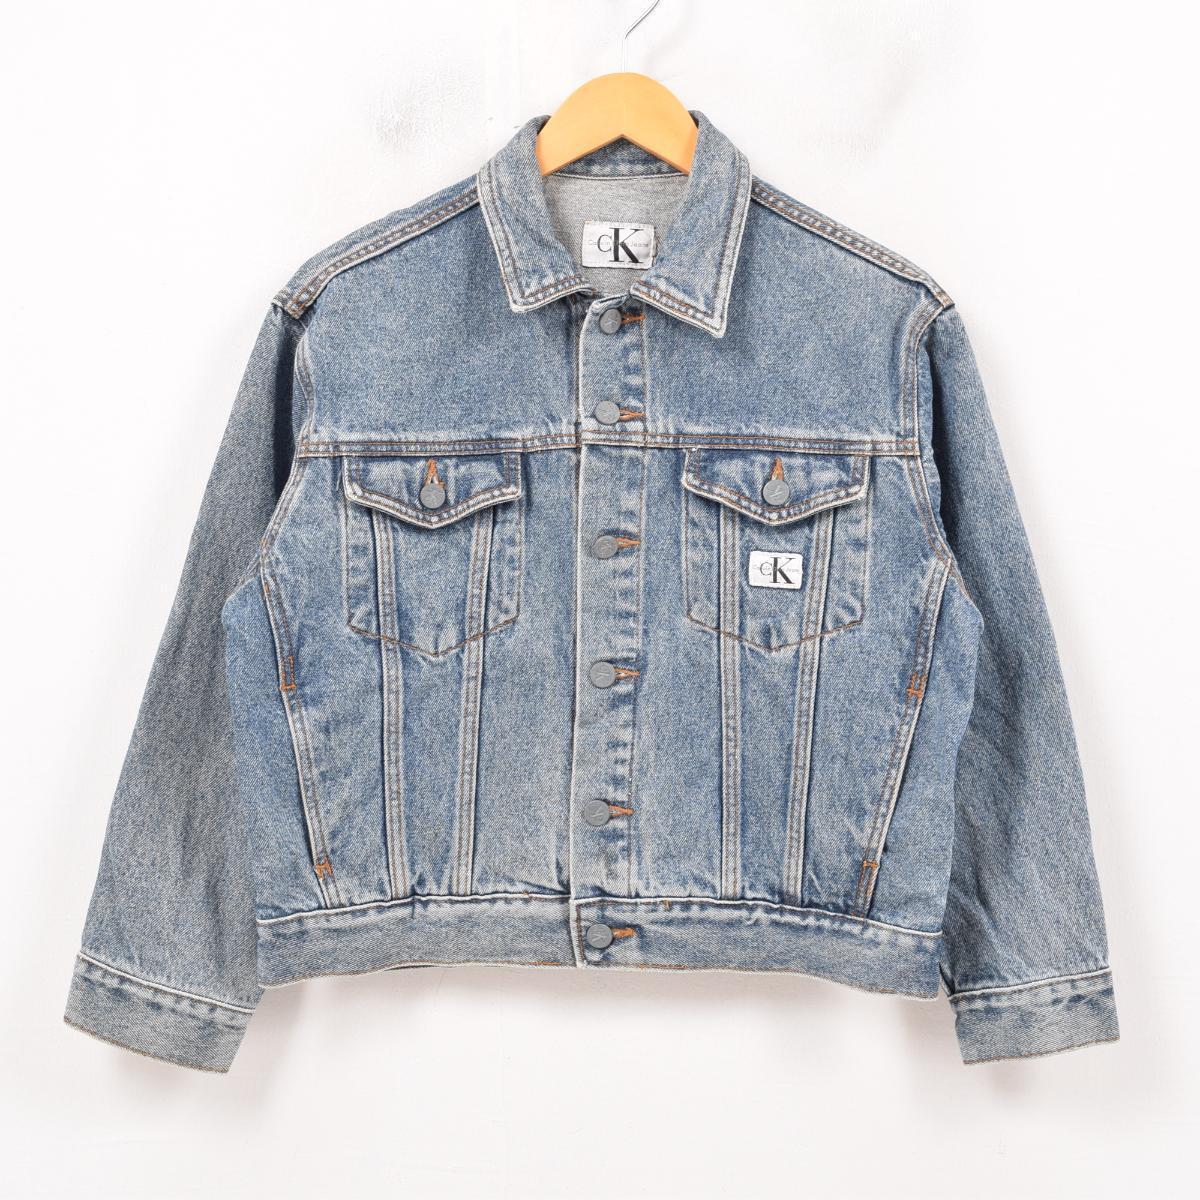 3179628c6 90s Calvin Klein Calvin klein JEANS denim jacket G Jean Lady's L /wax3756  ...